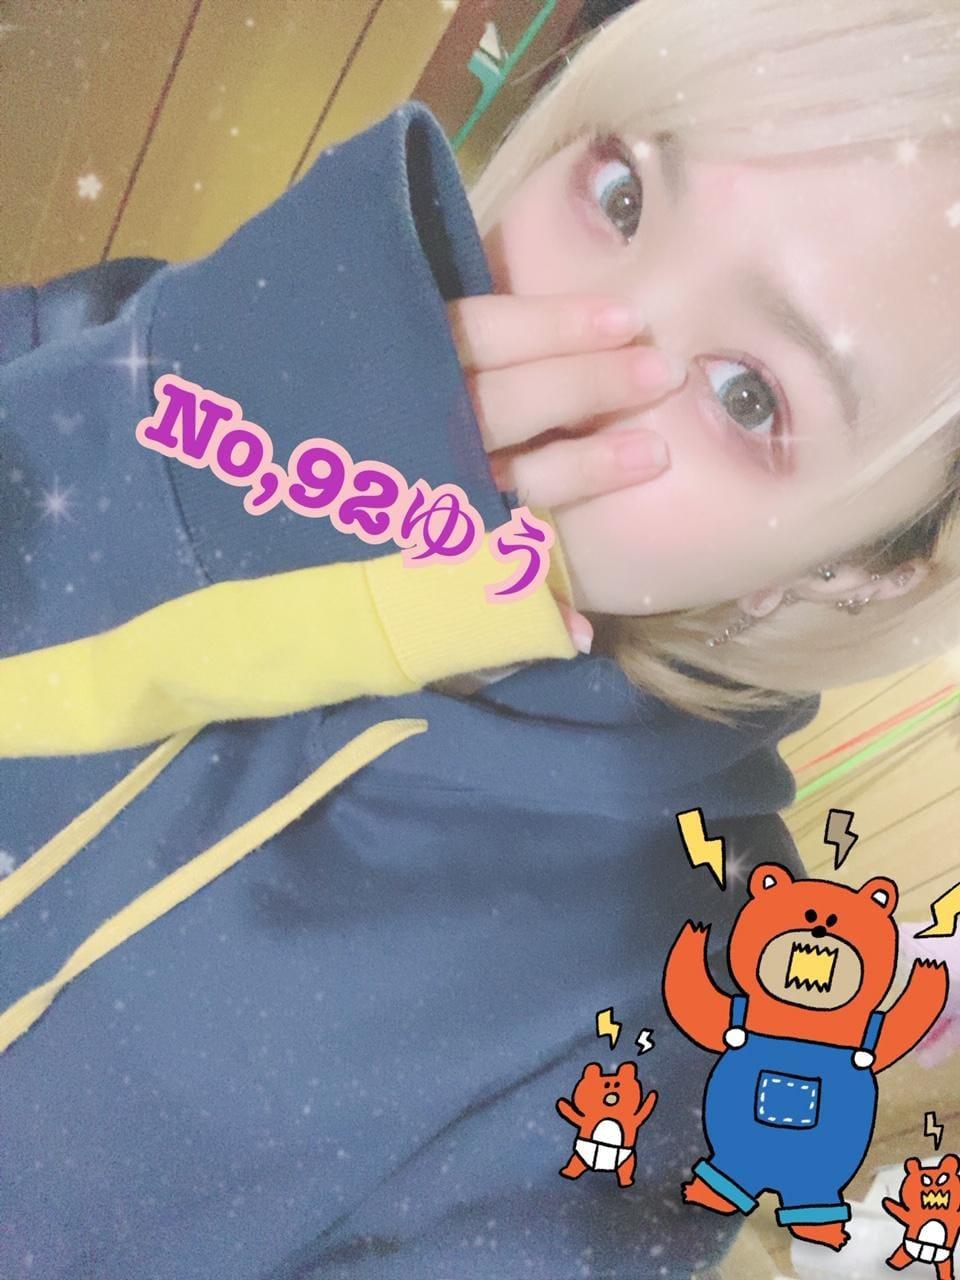 「ありがとう♡」11/11(月) 10:53 | ゆうの写メ・風俗動画